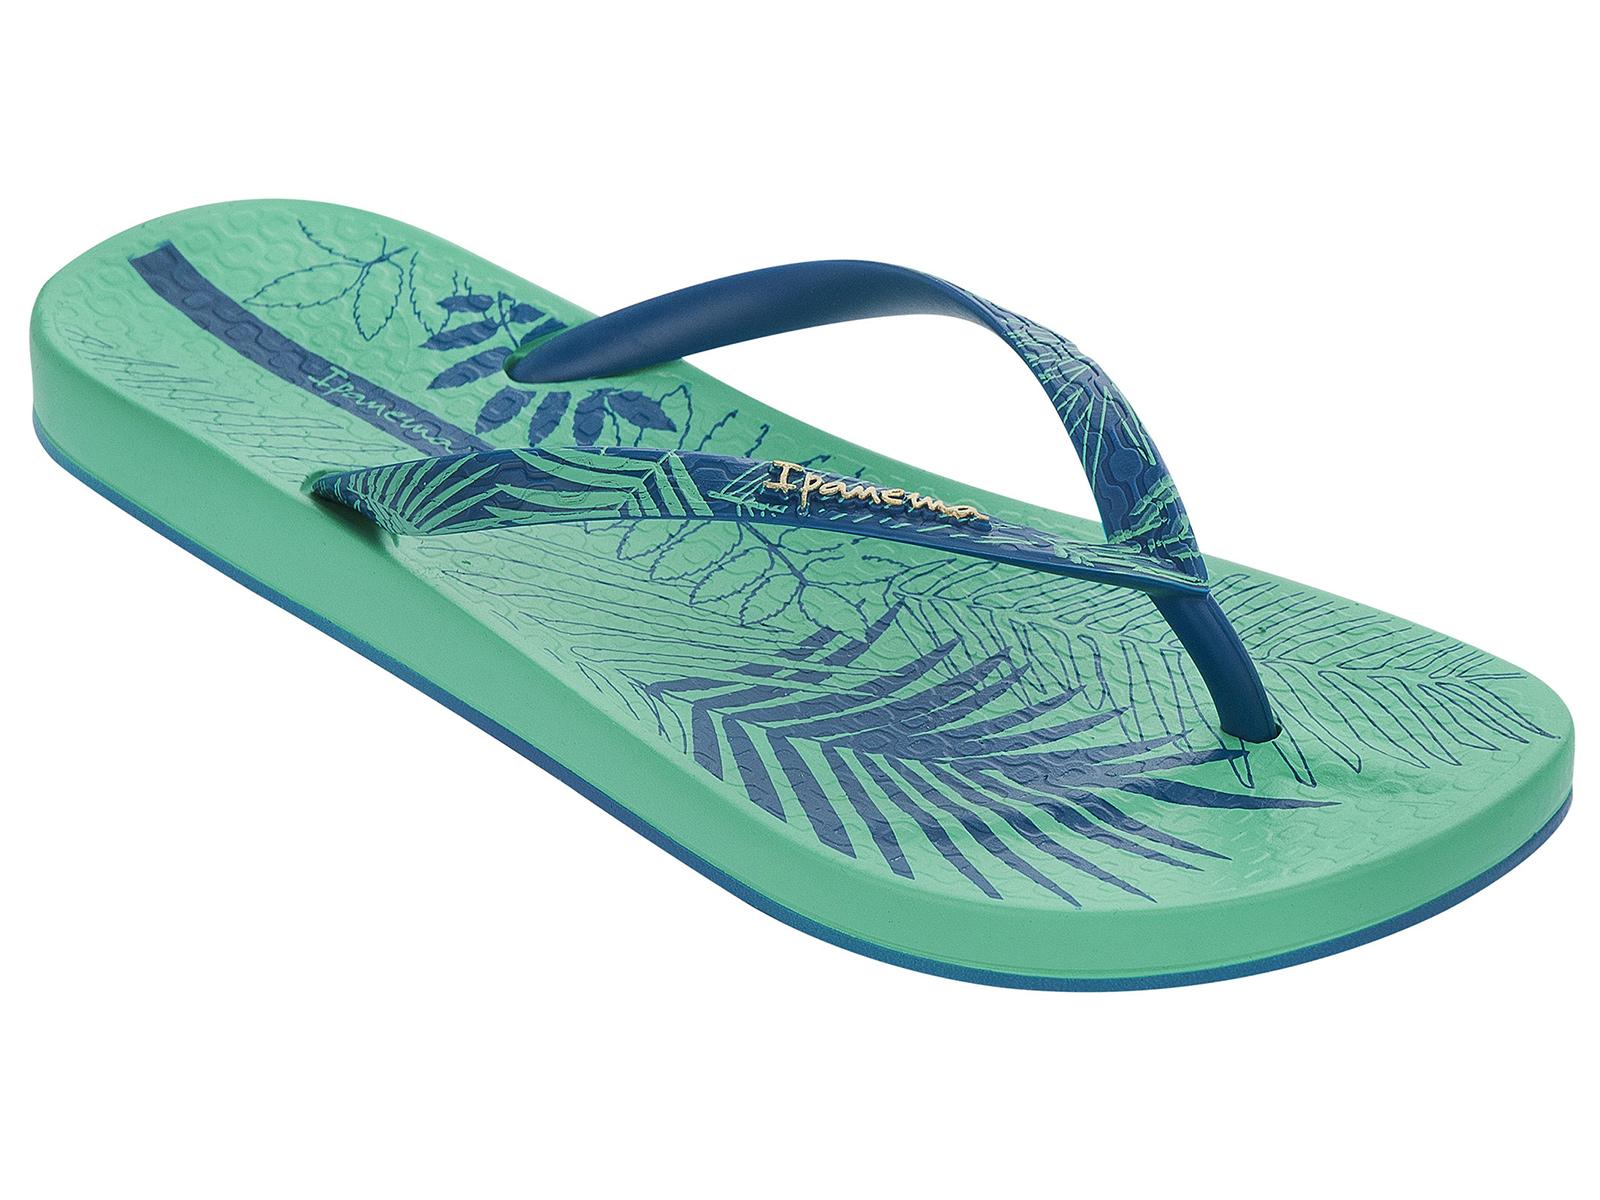 68e0a2b8438363 Flip-Flops Foliage Fem - Green blue - Brand Ipanema